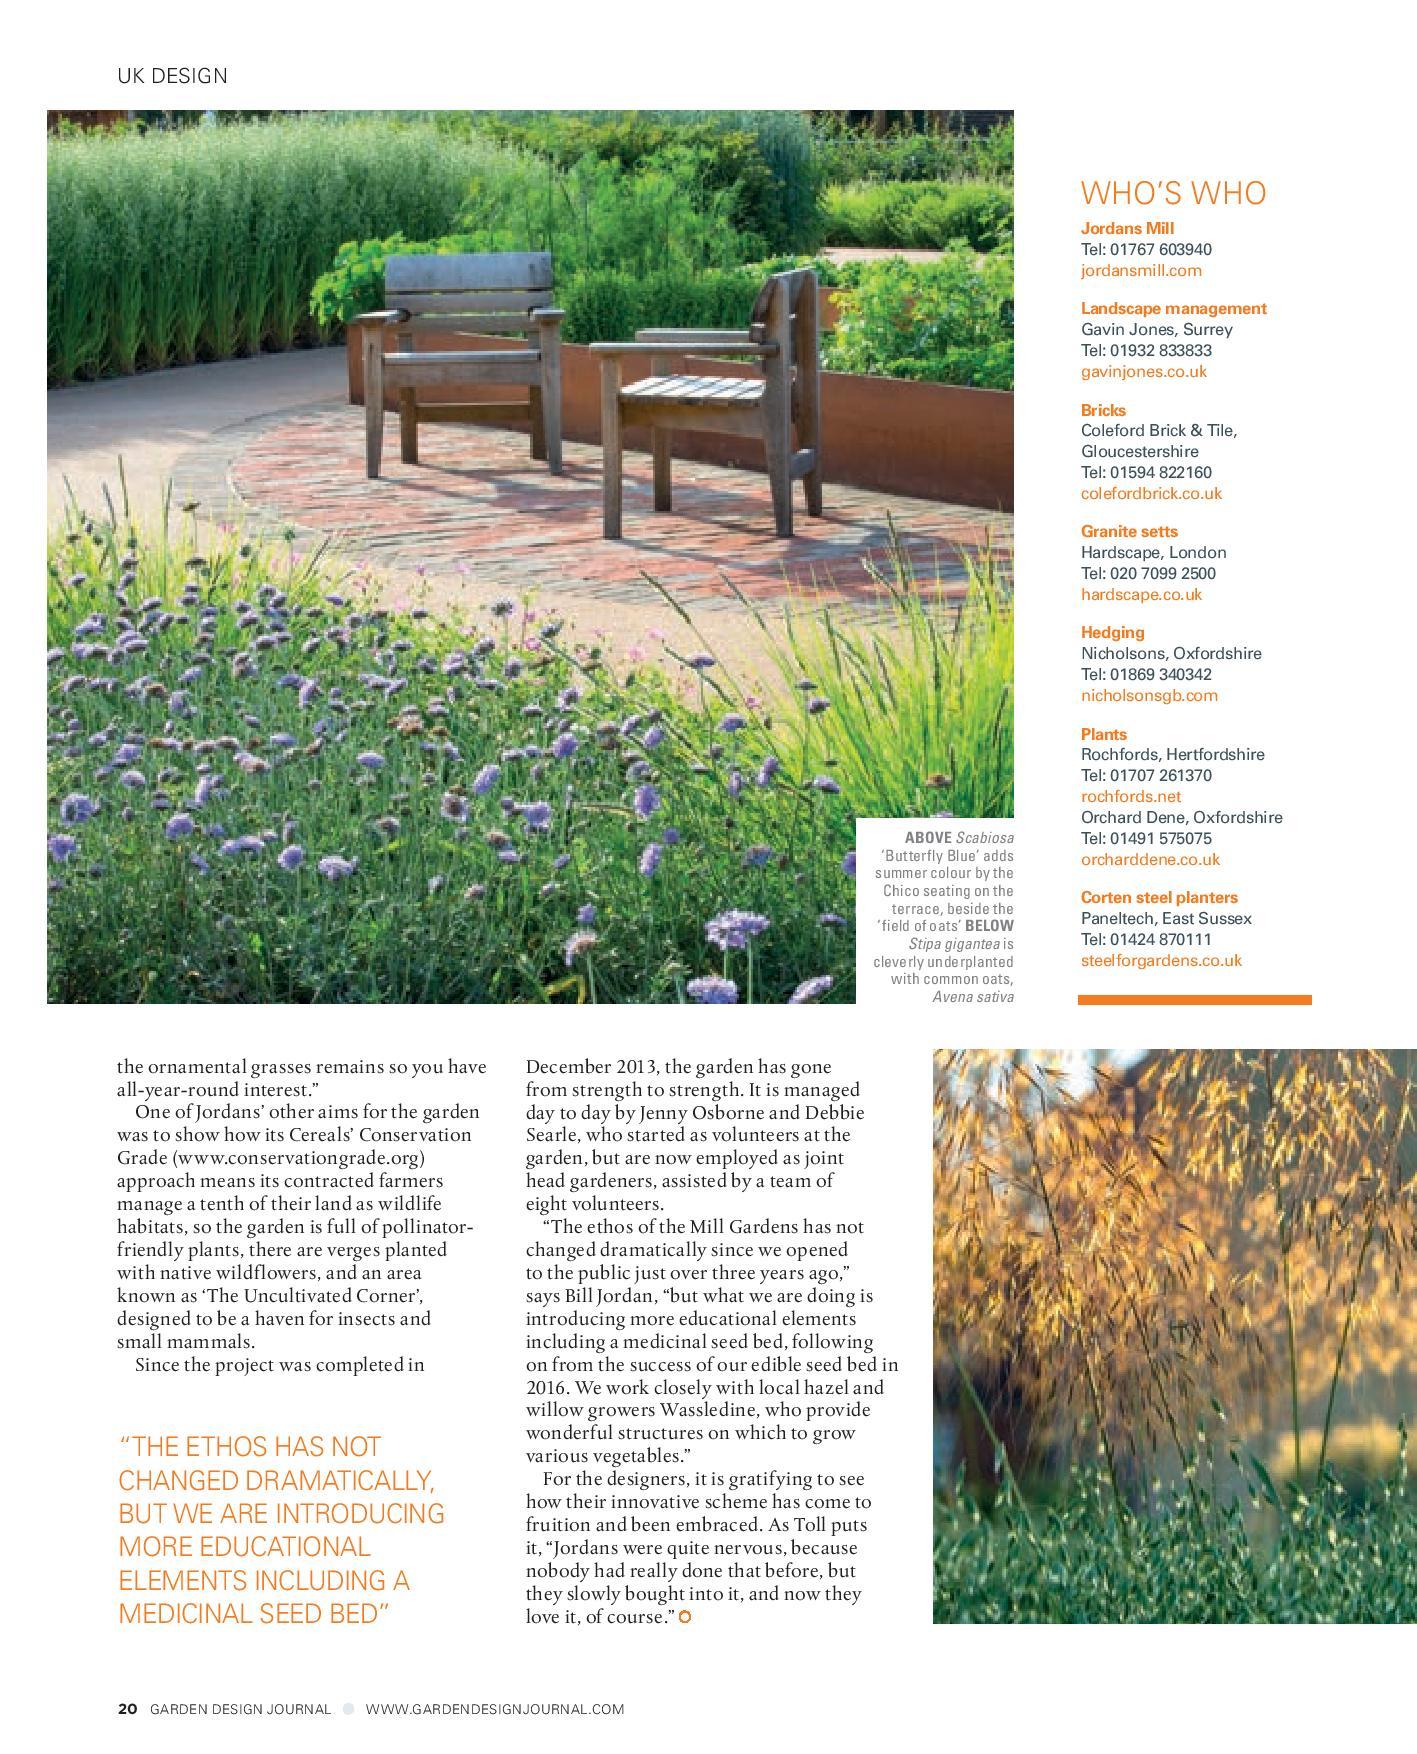 014_020.GDJ179 (1)-page-004.jpg